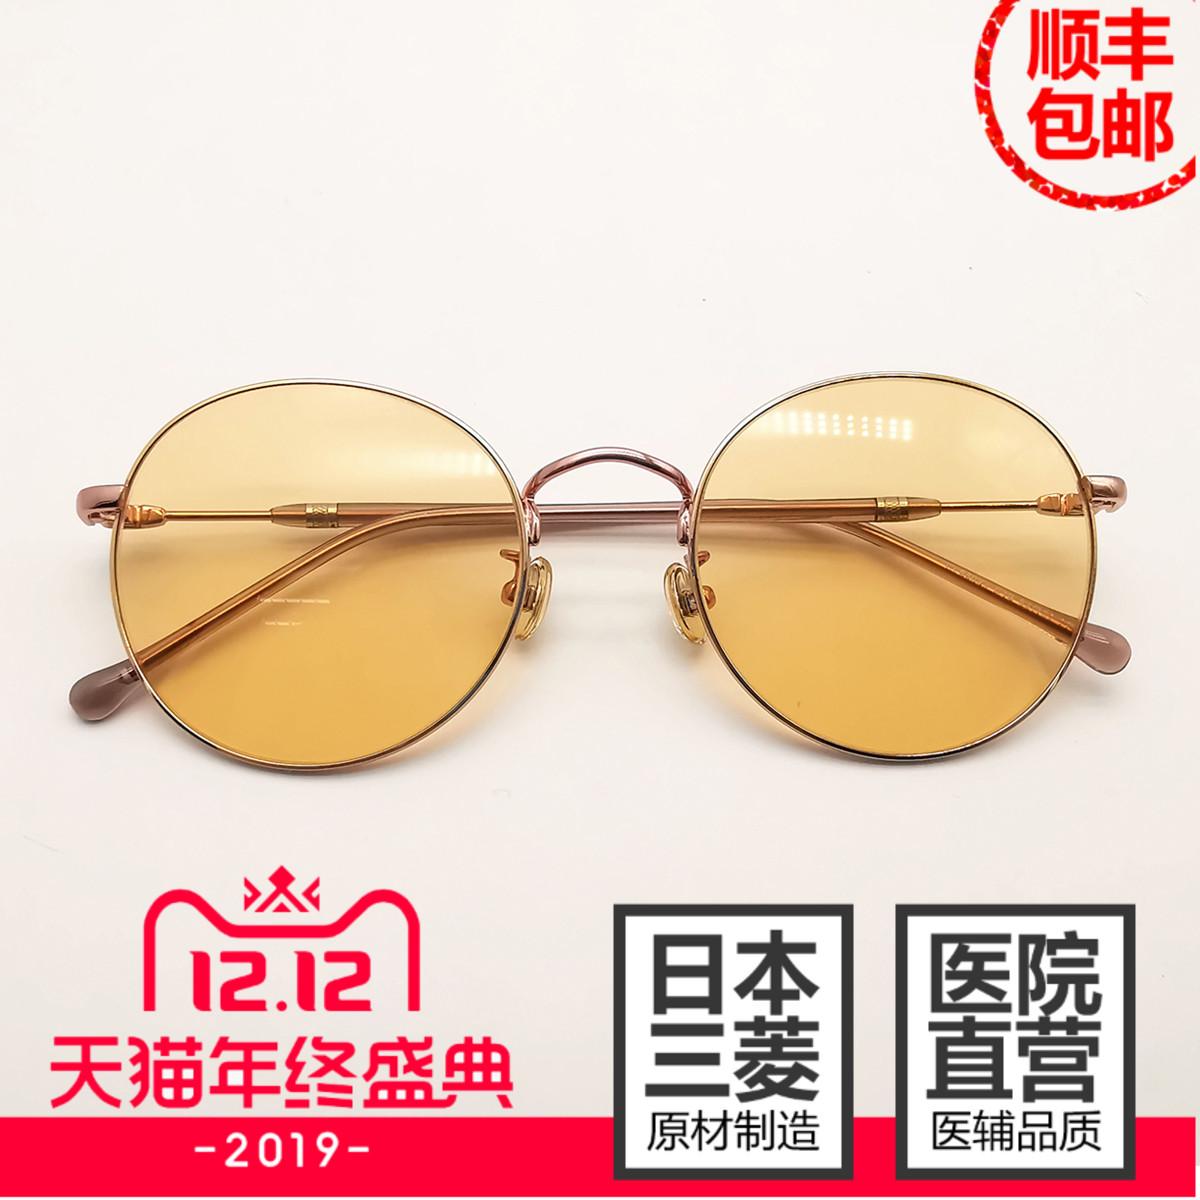 医院2019抗紫外辐射手机电脑游戏护眼眼镜女生网红圆框防蓝光眼镜,可领取25元天猫优惠券